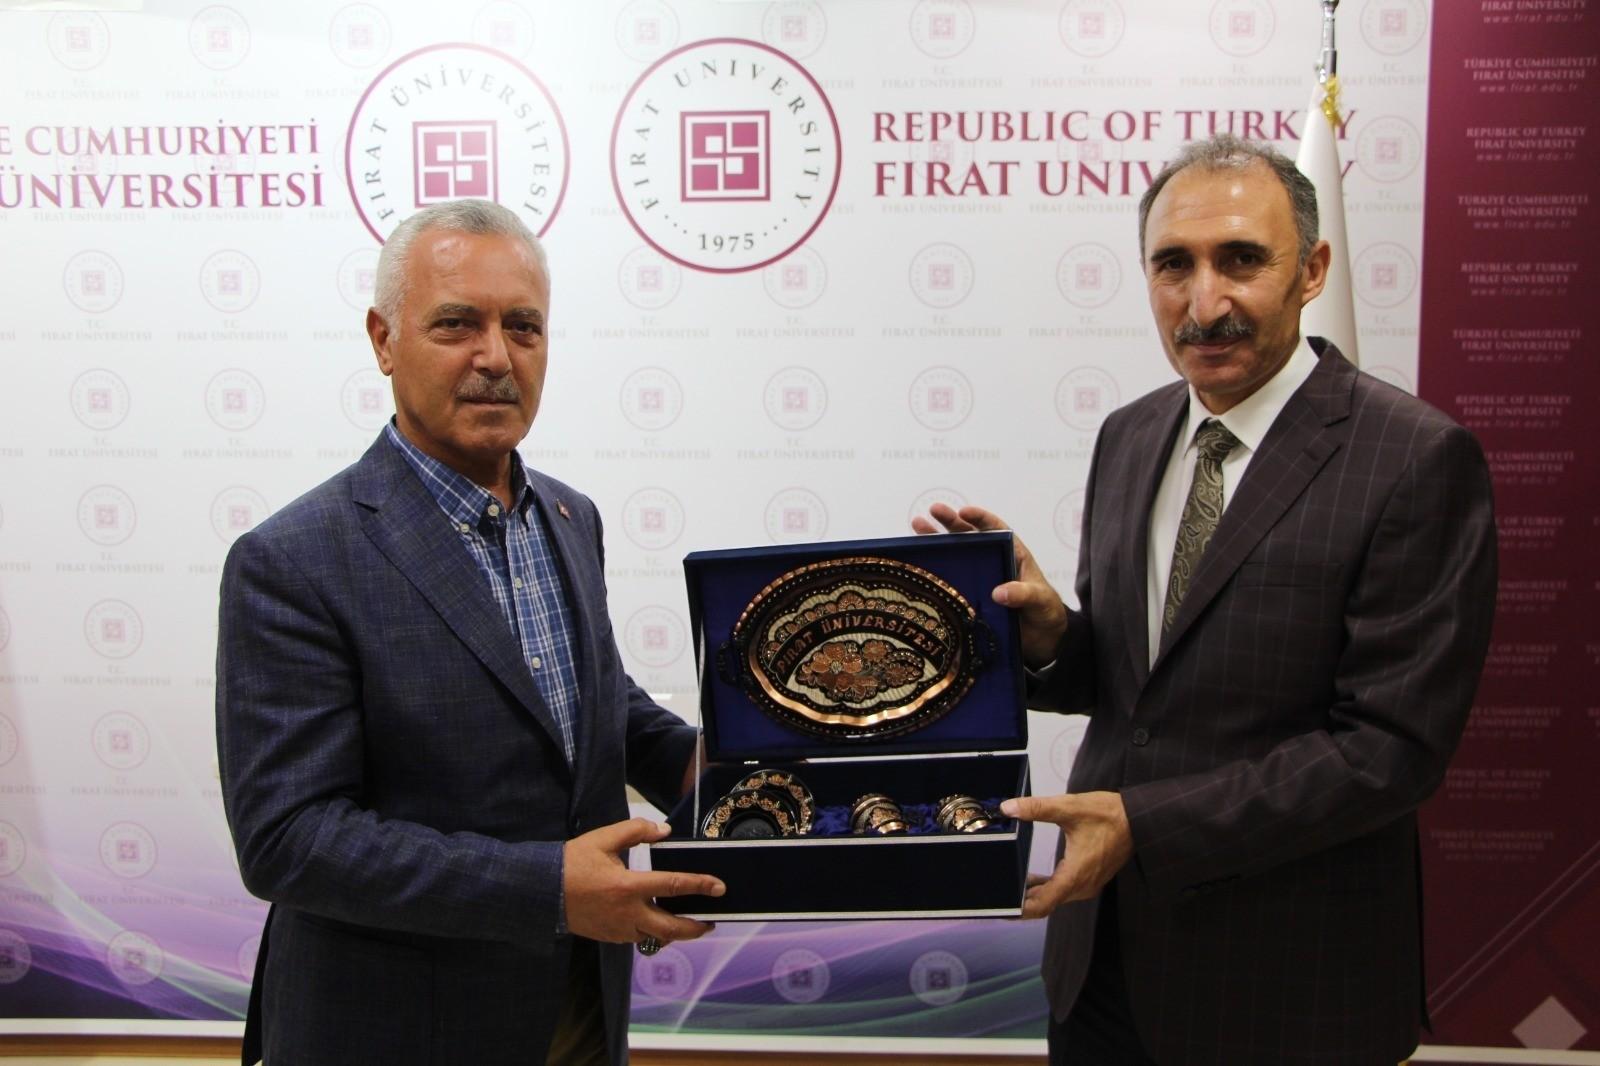 """Milletvekili Ataş: """"Fırat Üniversitesi bölgeye ciddi katkılar sağlayan bir üniversite"""""""